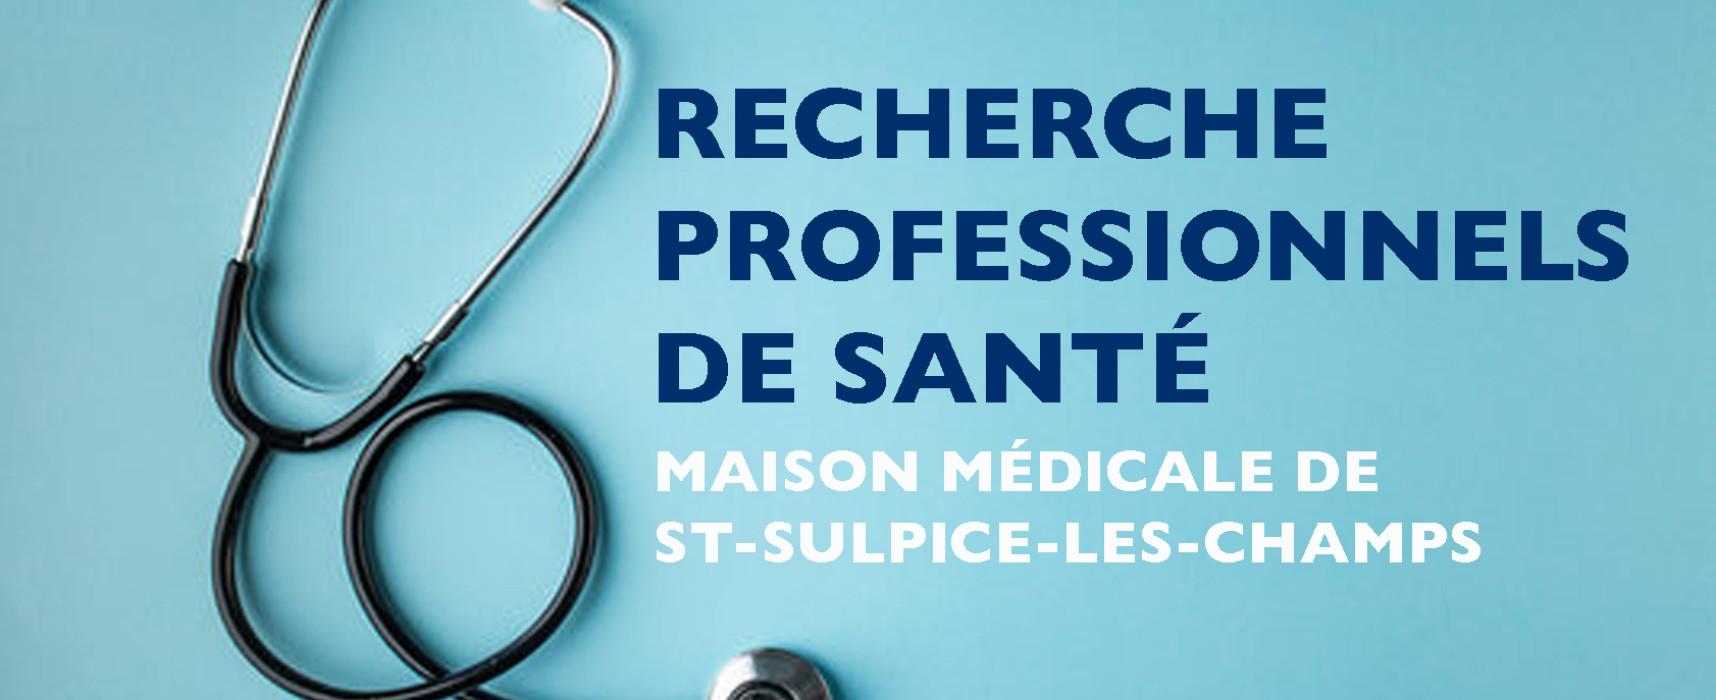 Recherche professionnel de santé, Maison Médicale de St-Sulpice-les-Champs – Mai 2021